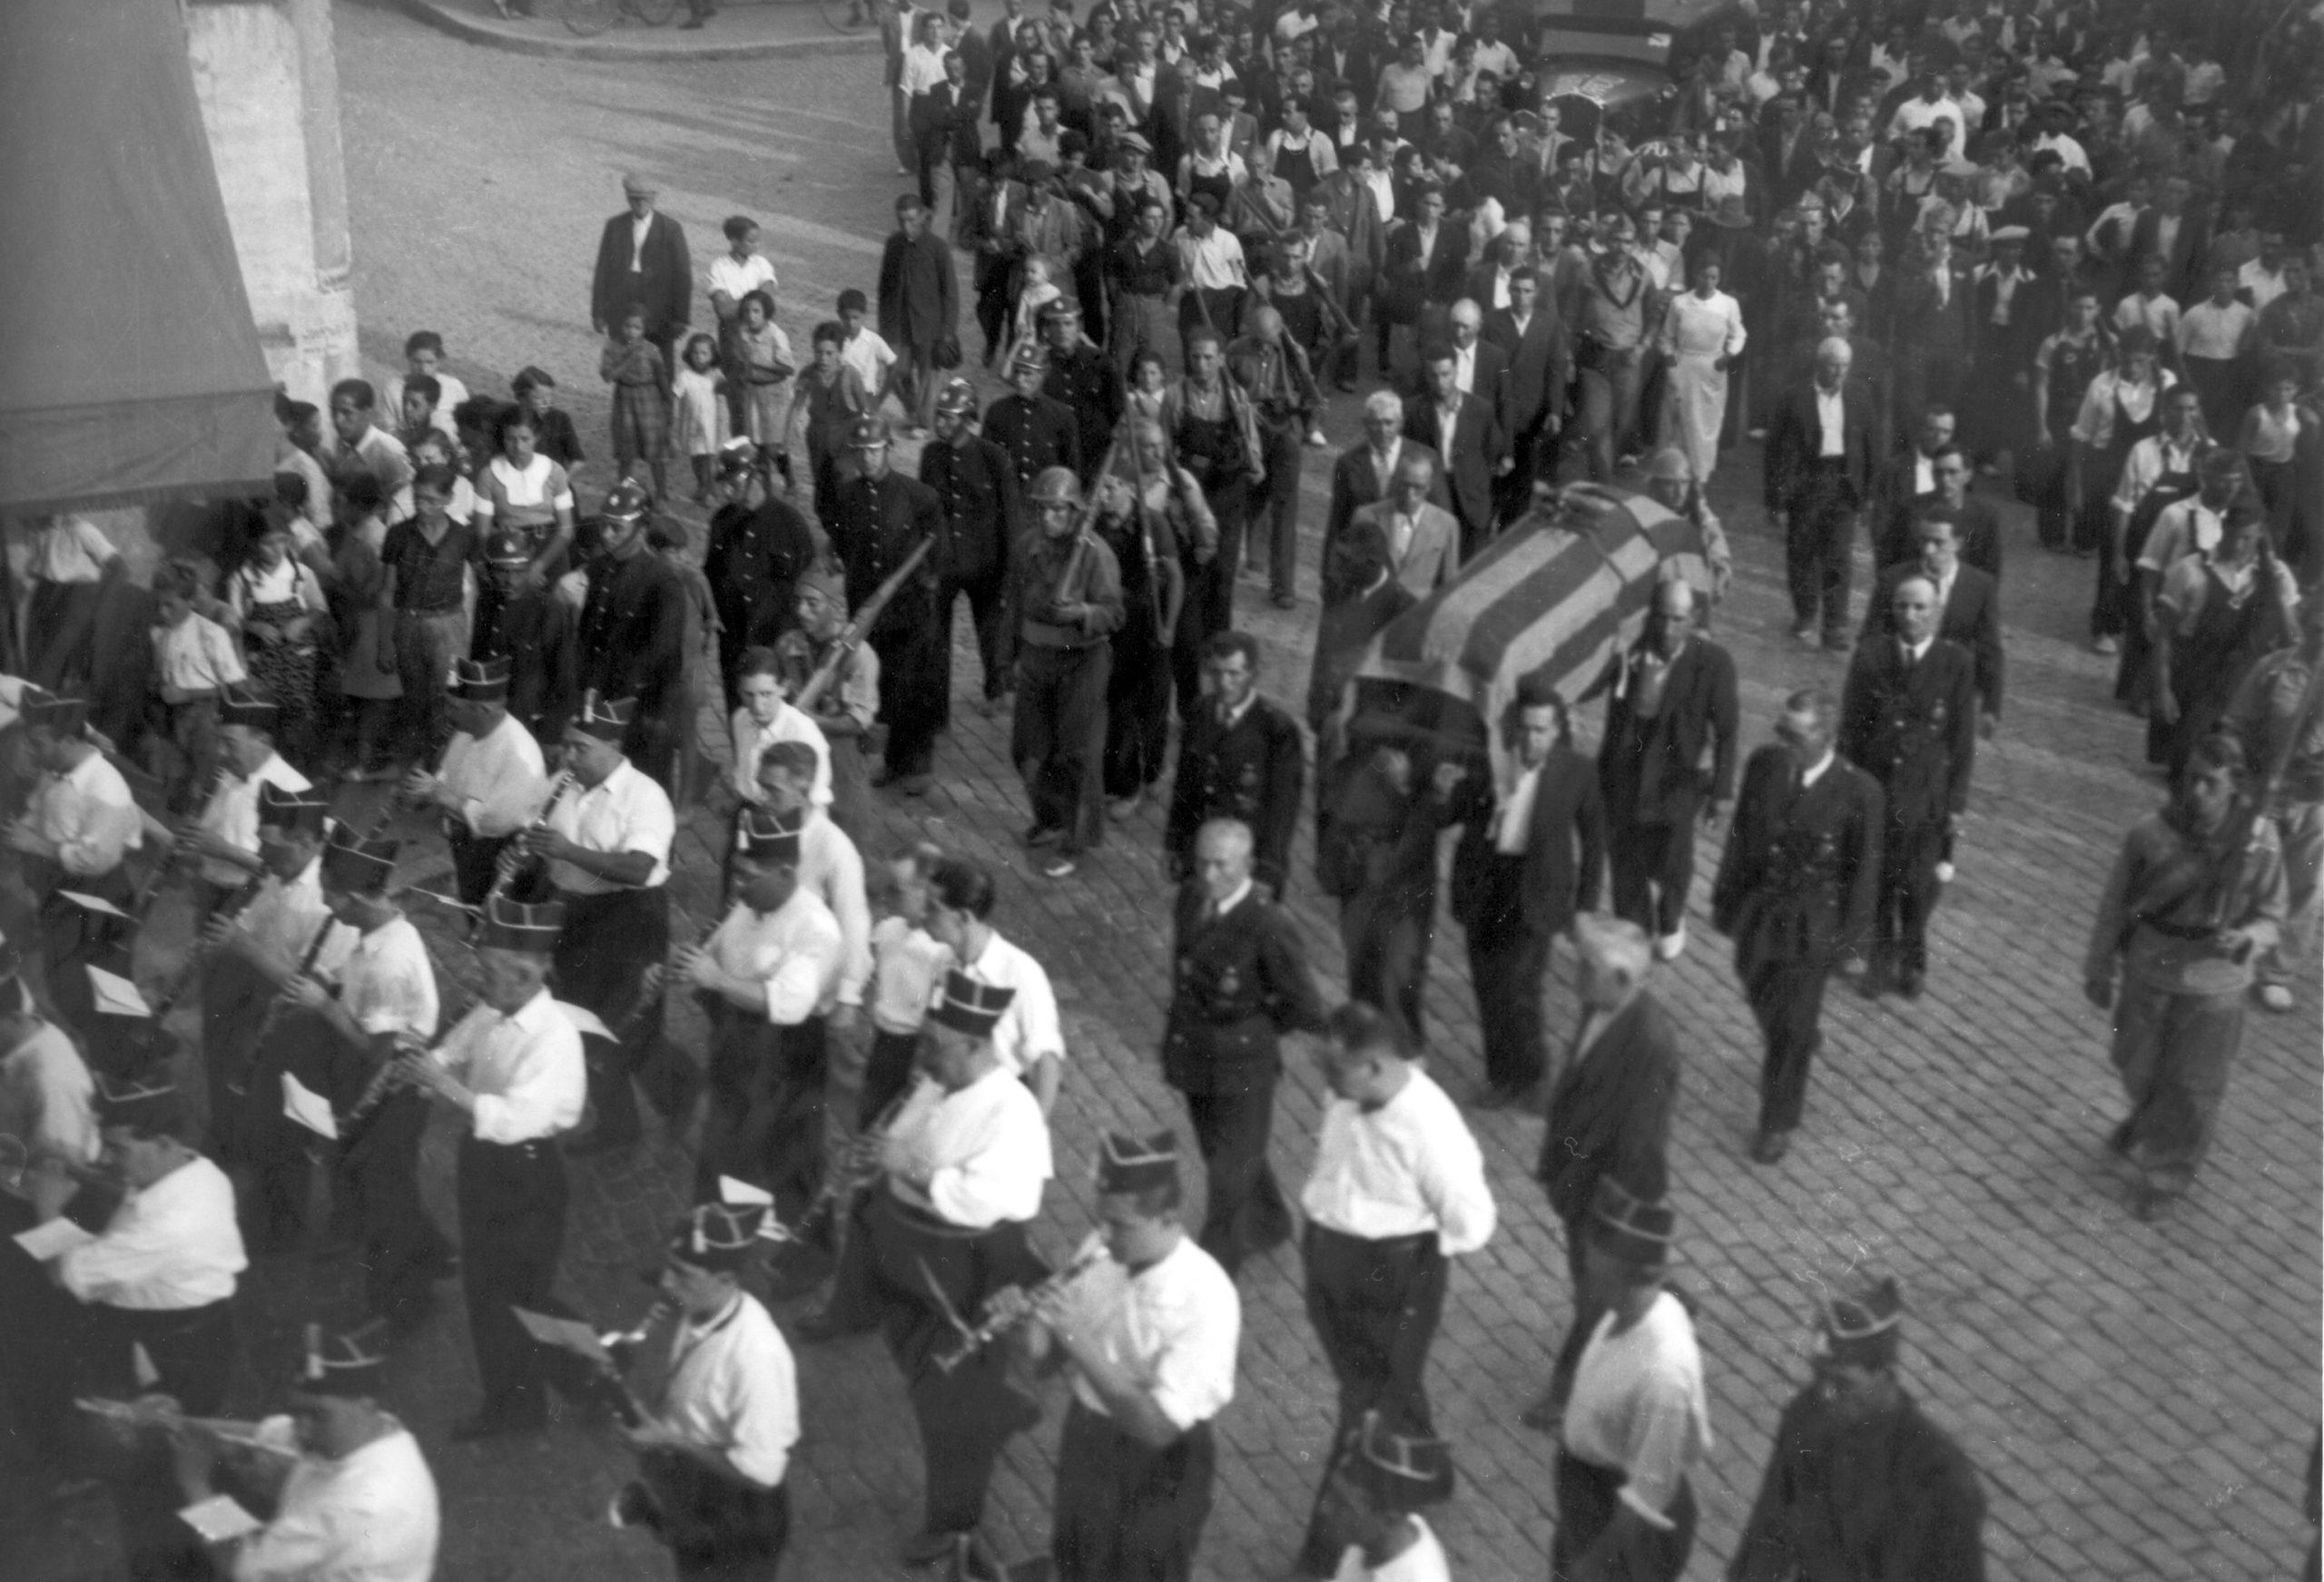 Bombers de Granollers, en el seguici del sepeli fet l'11/09/1936 per Joan Cerdà